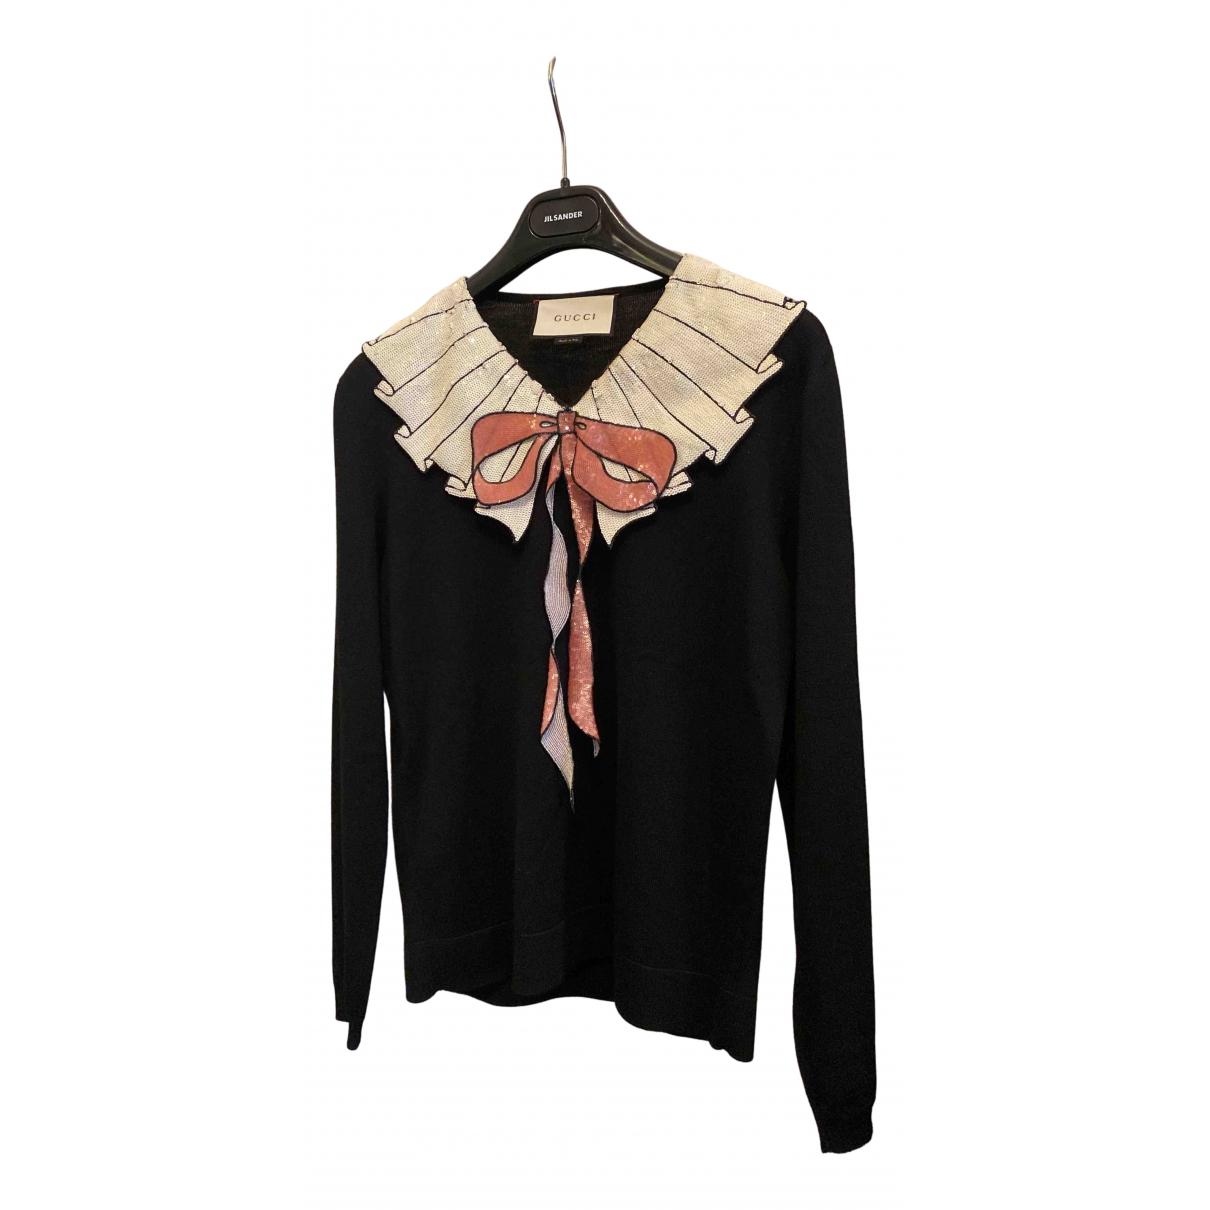 Gucci N Black Wool Knitwear for Women S International